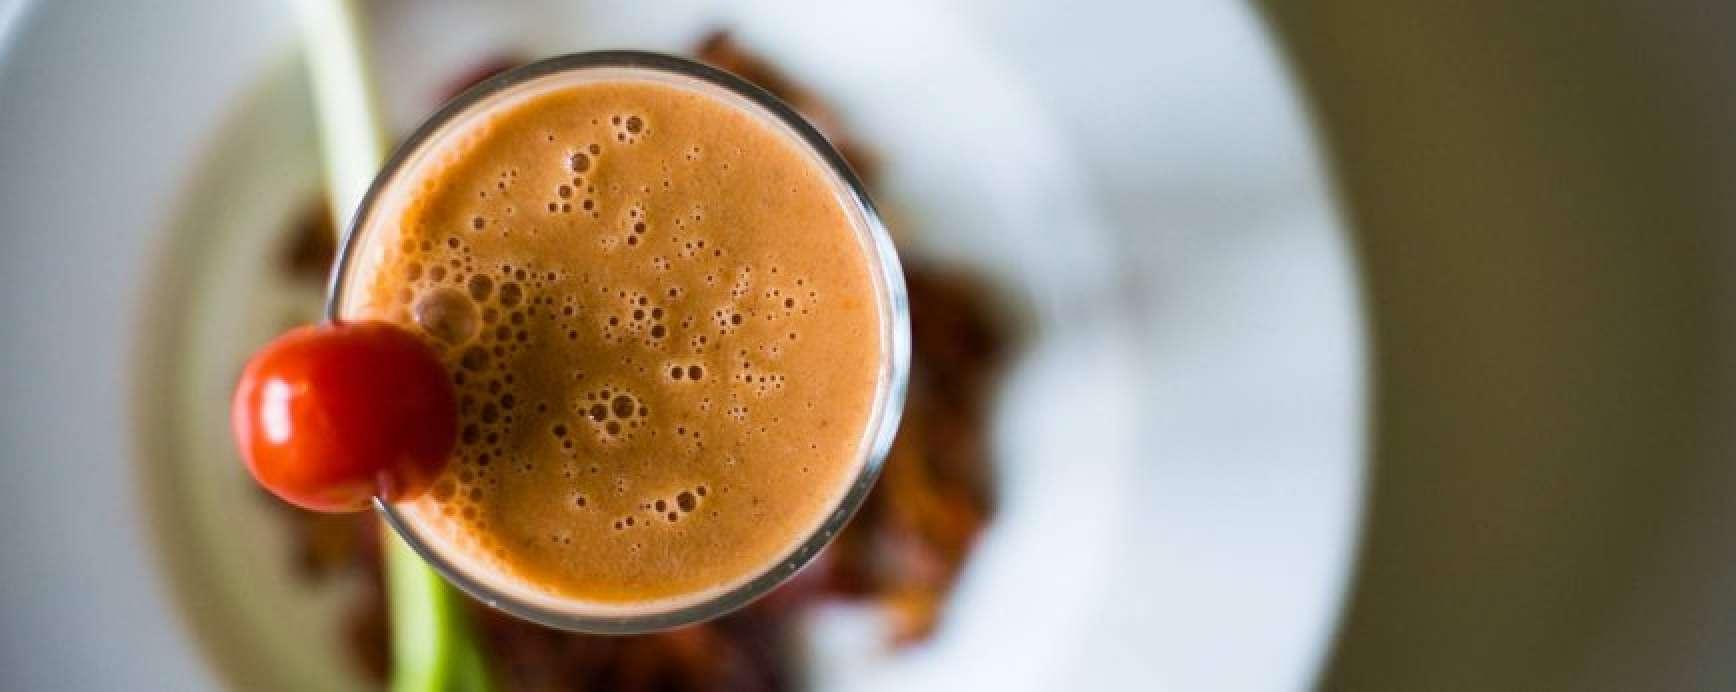 Bloody mary eiwitshake met rauwe cacao en kokosmeel